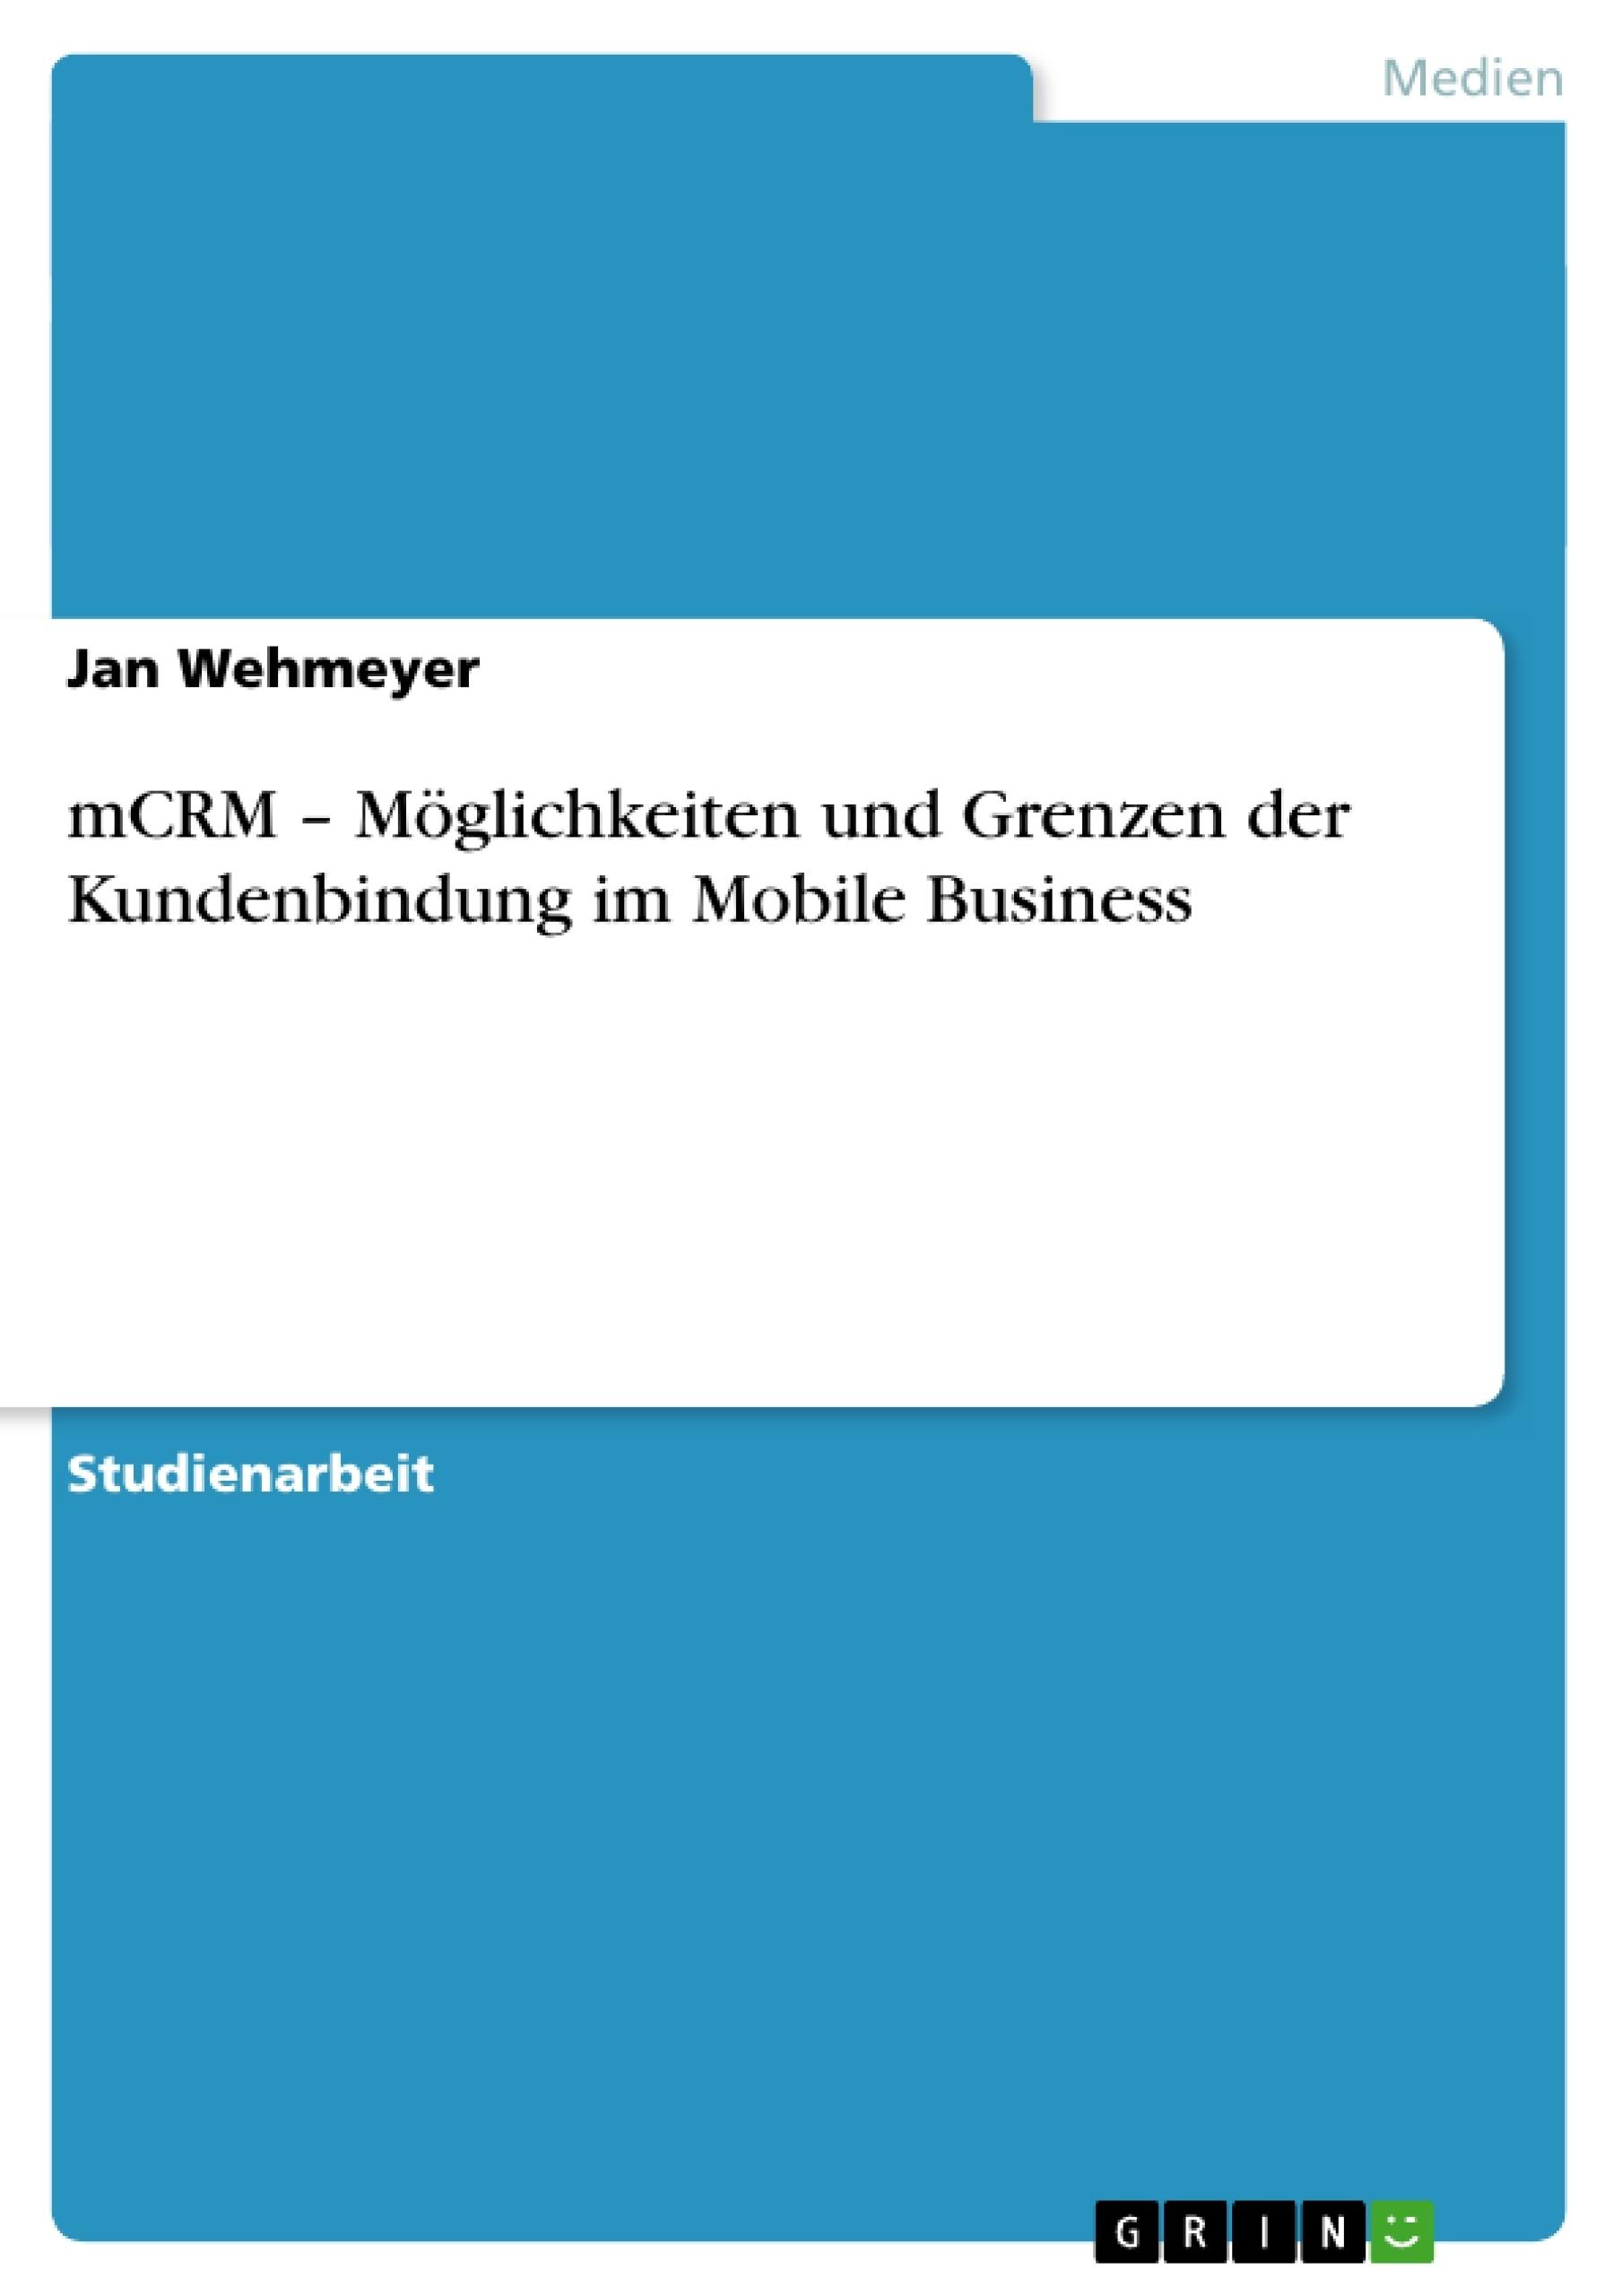 Titel: mCRM – Möglichkeiten und Grenzen der Kundenbindung im Mobile Business